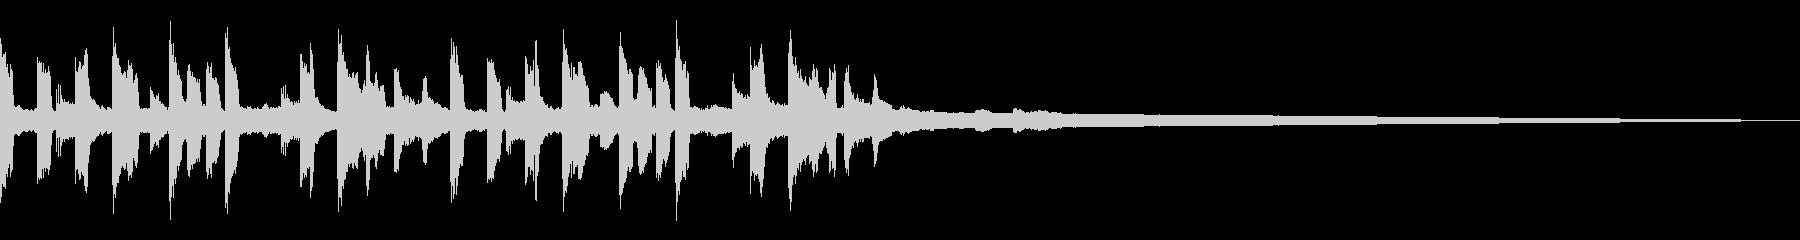 キャッチーなトラップジングル2の未再生の波形